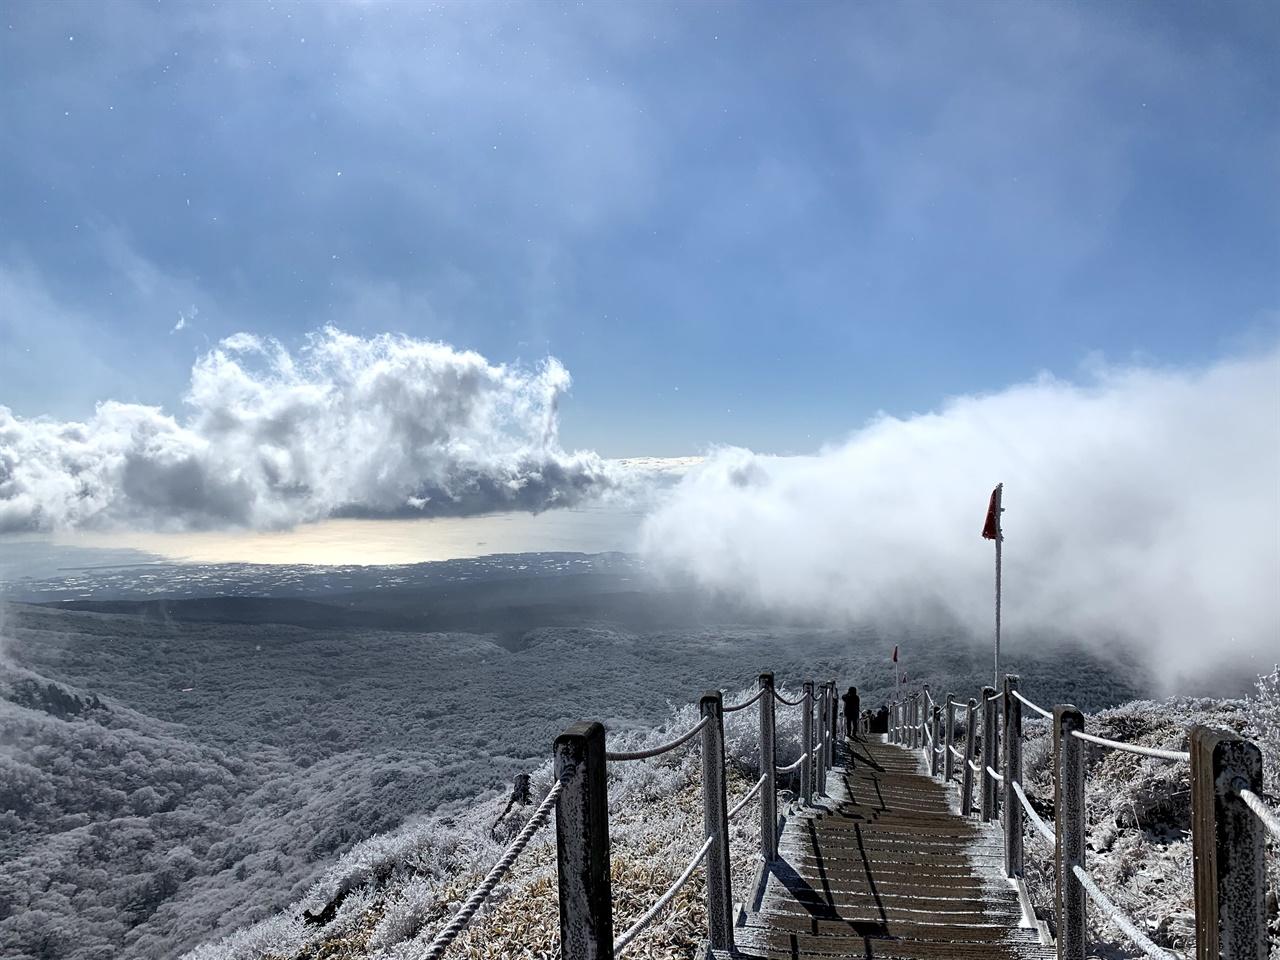 하늘을 덮었던 구름이 쉴새없이 지나가는 풍경. 내려가는 길이에요. 놀랍게 반짝이는 바다 위로, 한라산의 구름이 쉴새없이 흘러가고 있었어요. 그대로 행복해지는 풍경이었습니다.